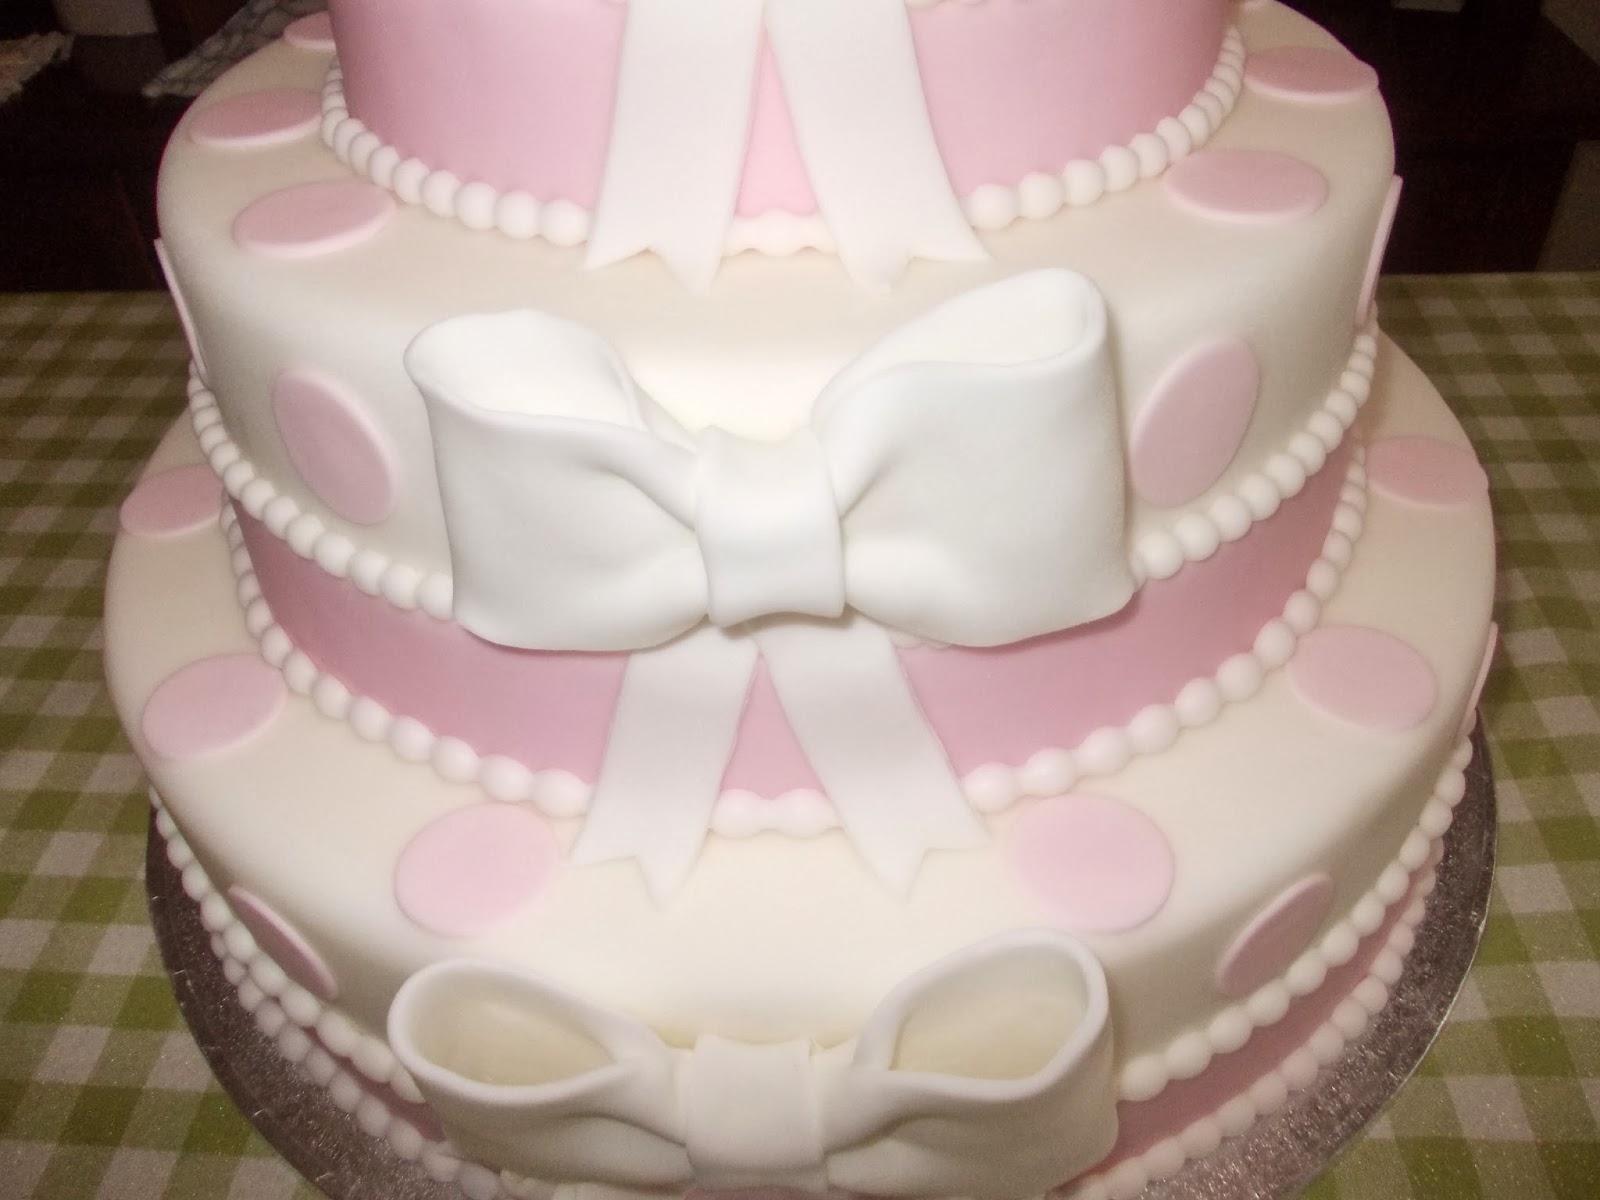 Amato pasticci di zucchero: torta prima Comunione fiocchi e pois GT04